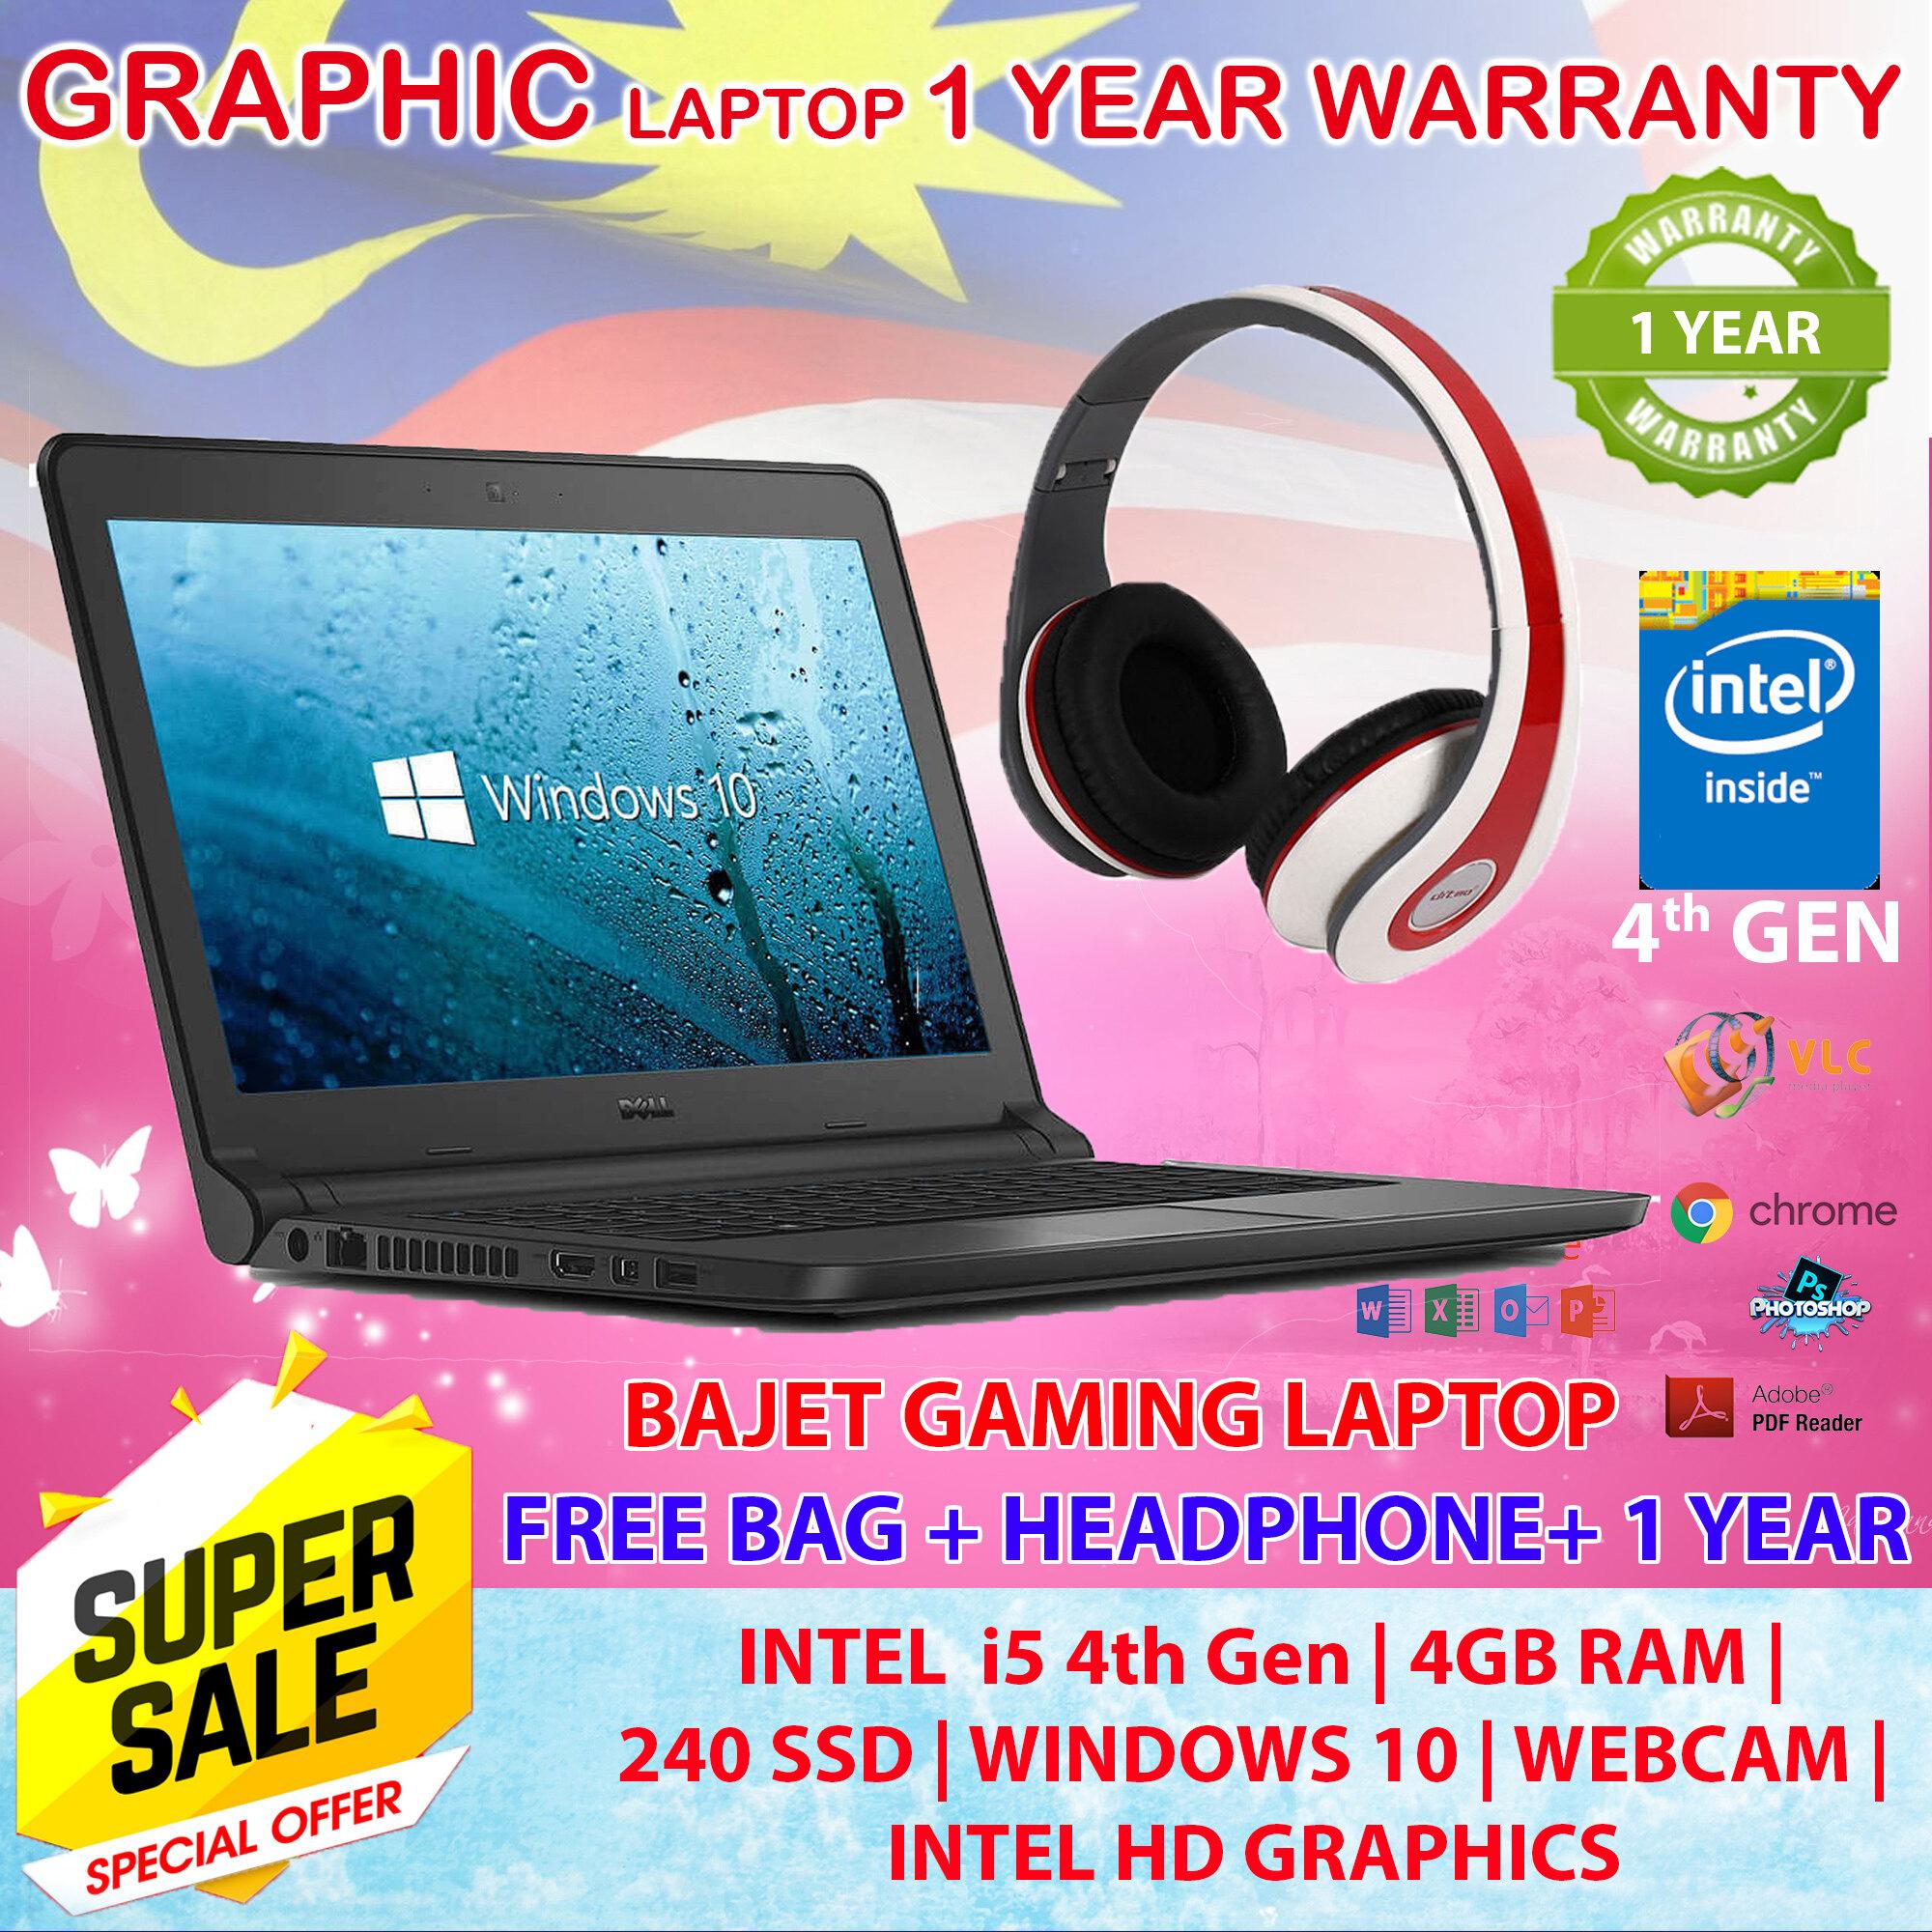 Dell Slim Gaming Laptop - Latitude 3340 - i5 4th Gen - 4GB RAM - 500GB HDD - WebCam - WiFi - 3 Months Warranty - Refurbished Malaysia